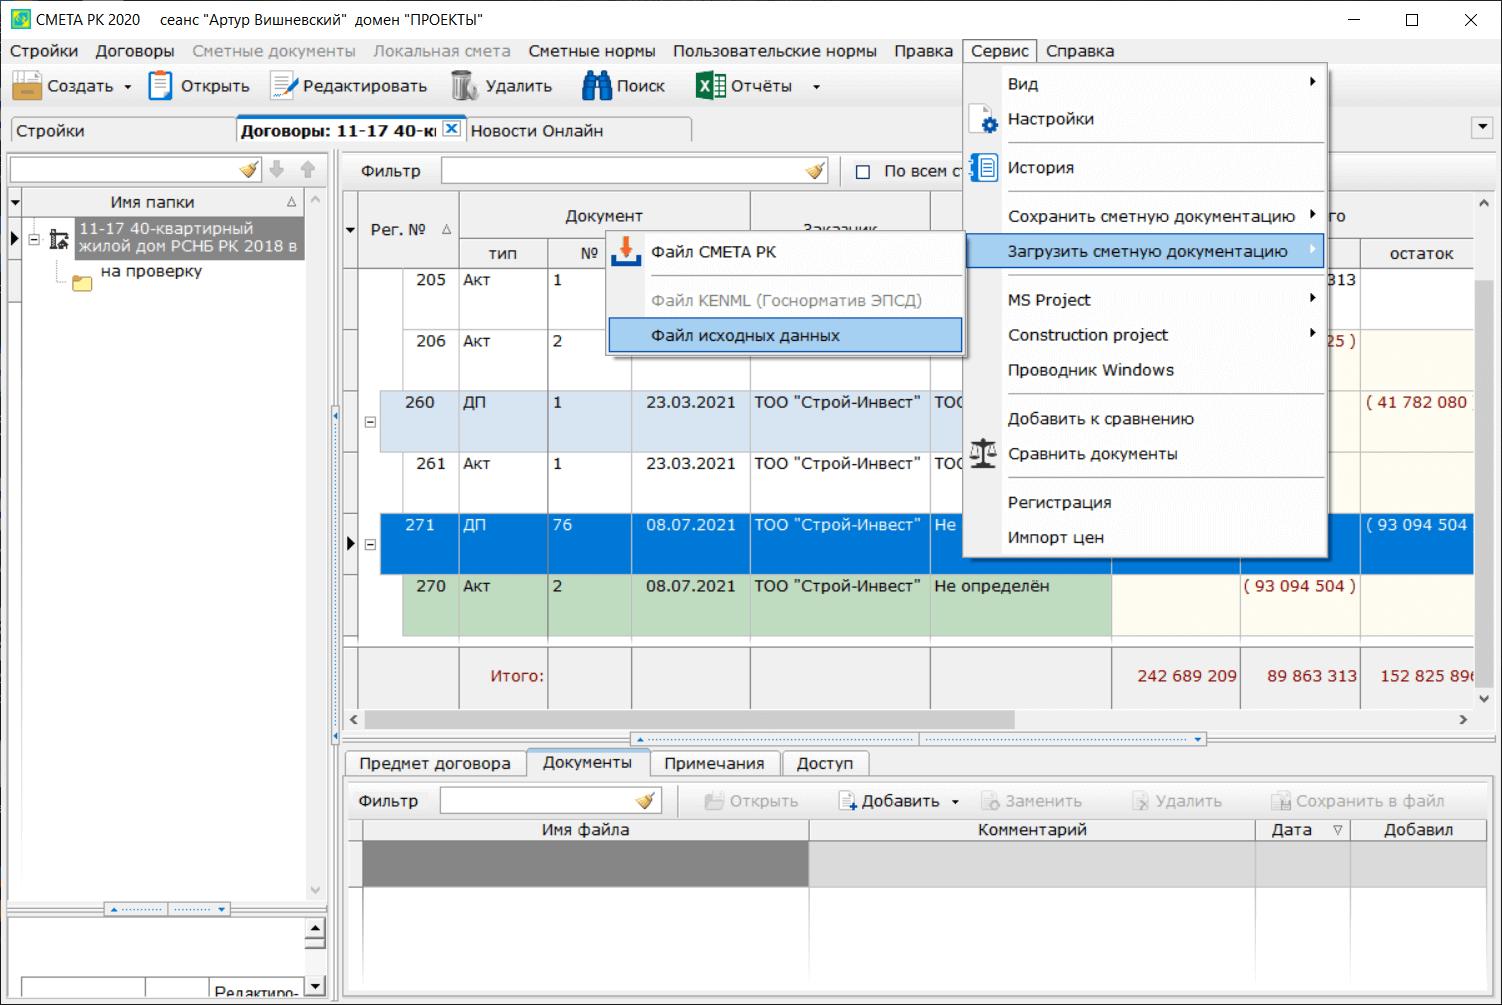 Рис. 2. Загрузка сметы из файла исходных данных в окне «Договоры»